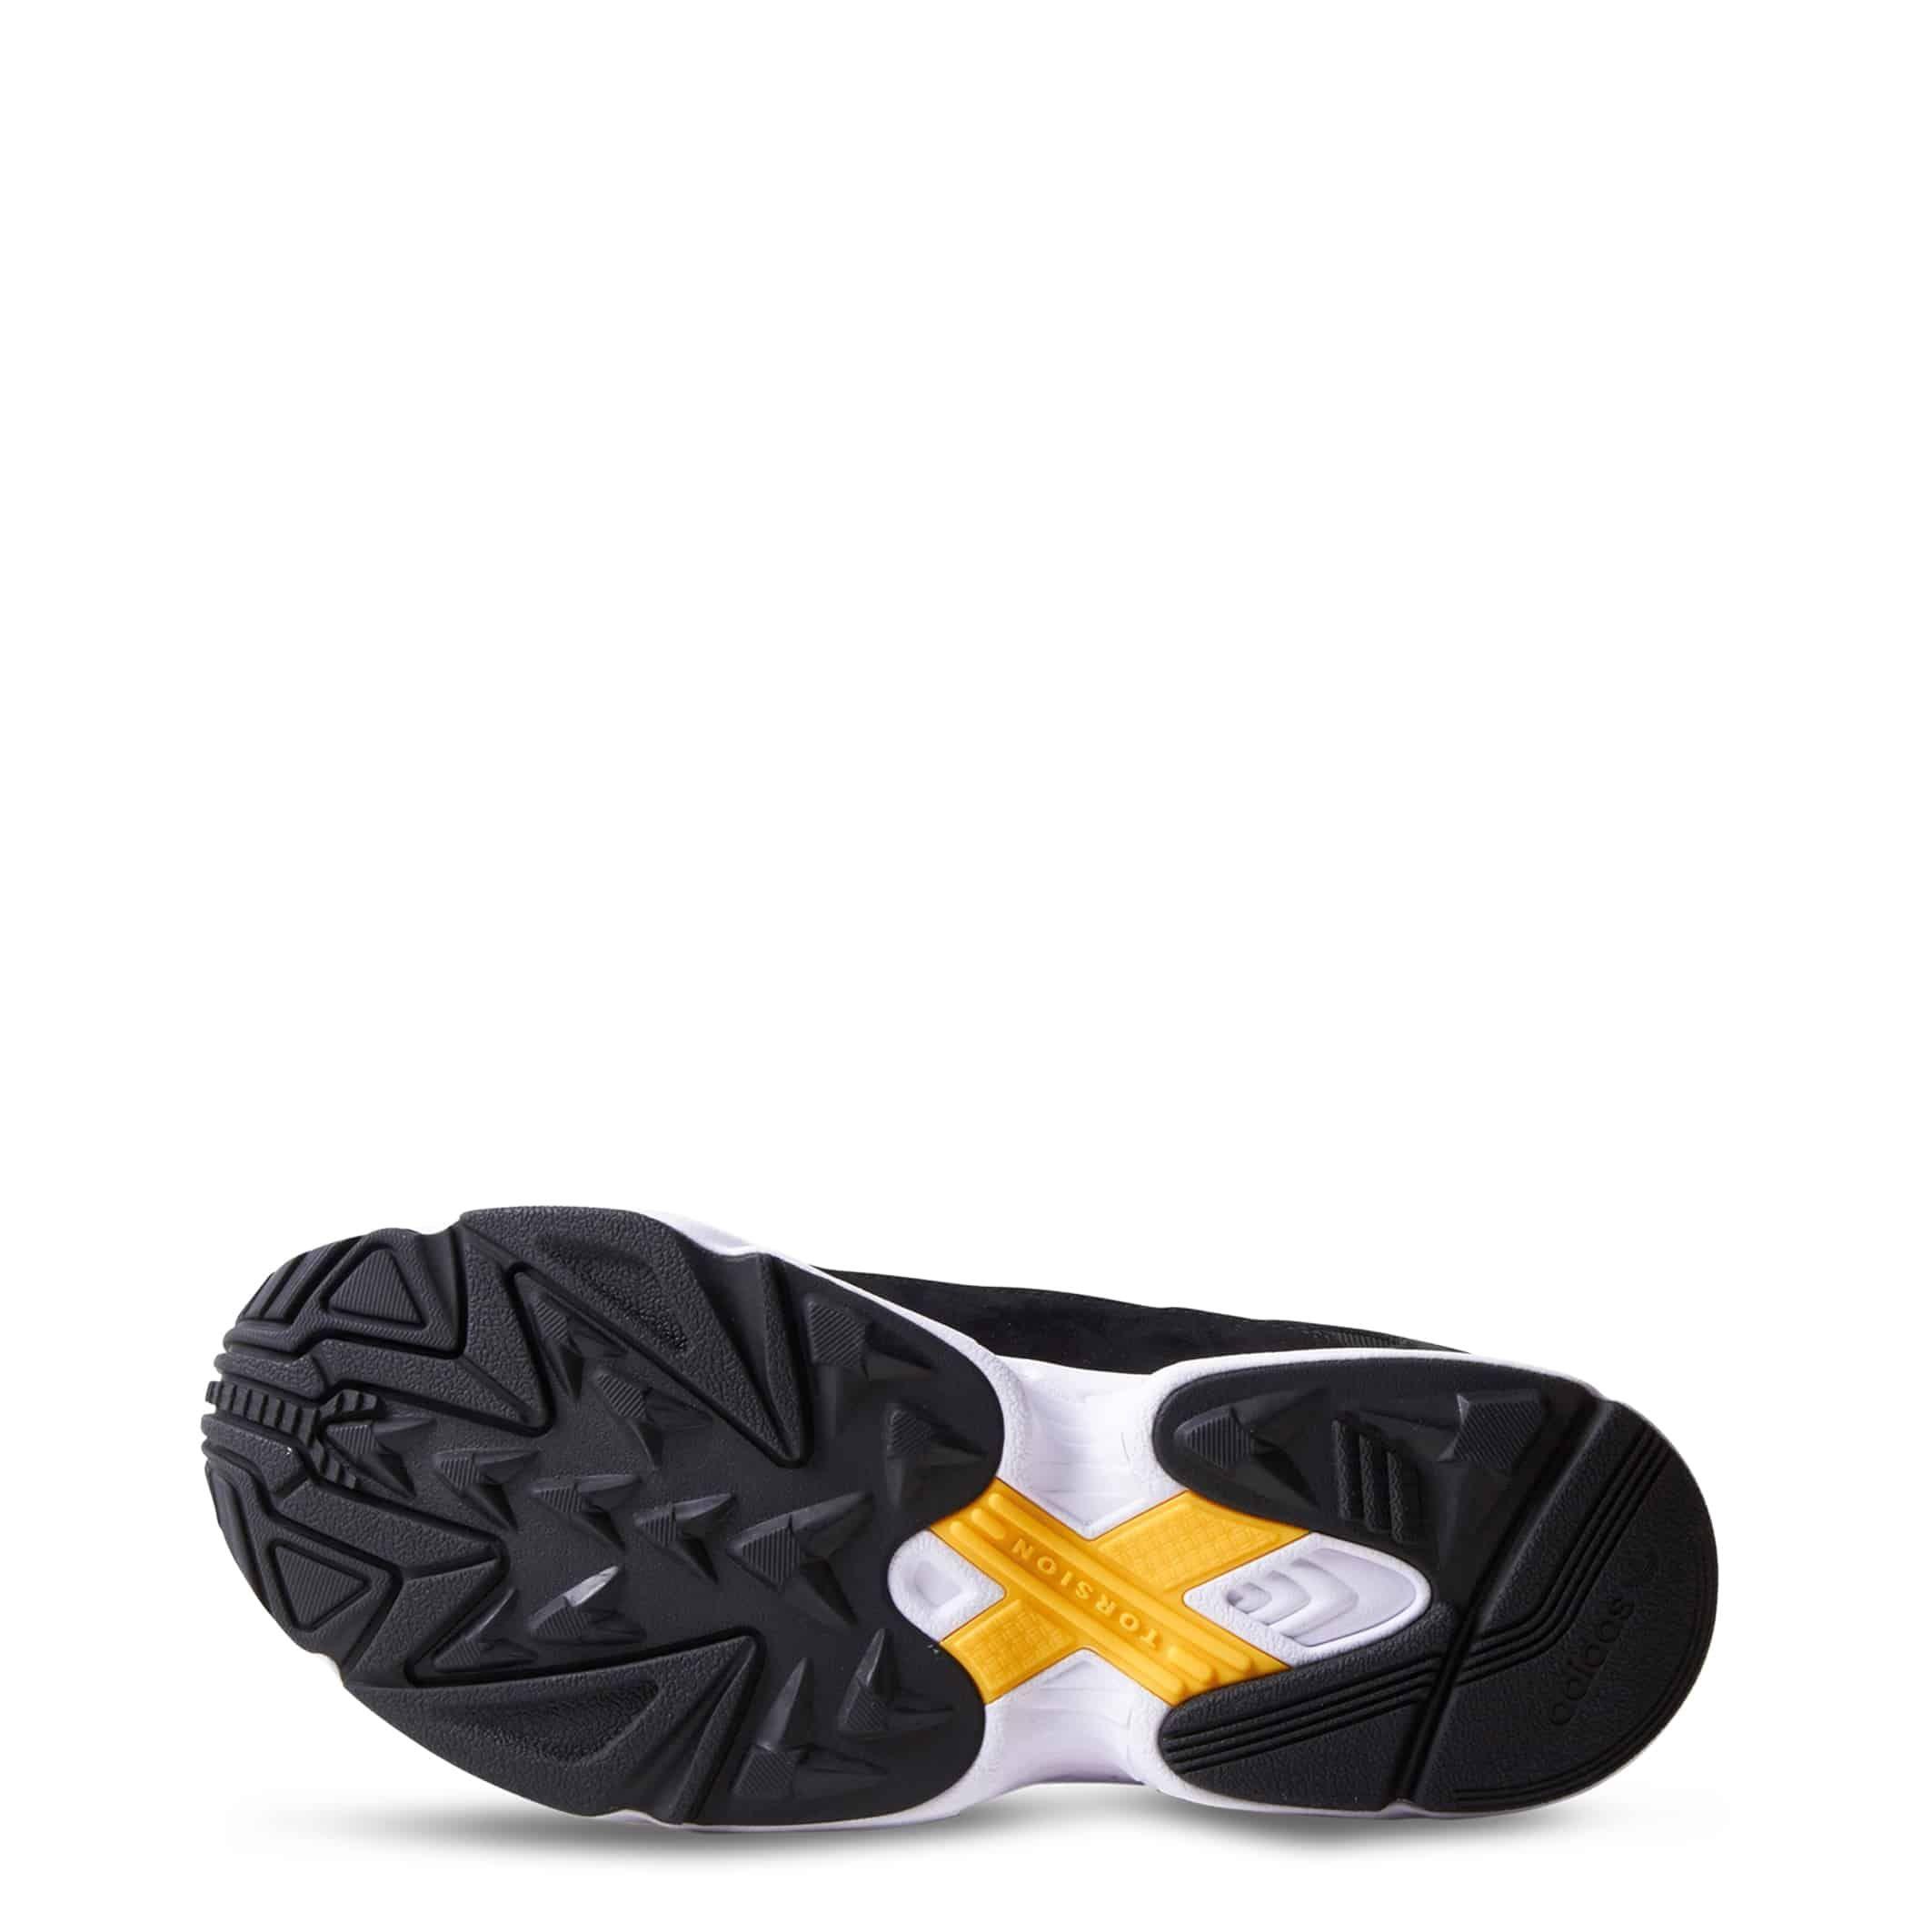 Schuhe Adidas – YUNG-1 – Schwarz